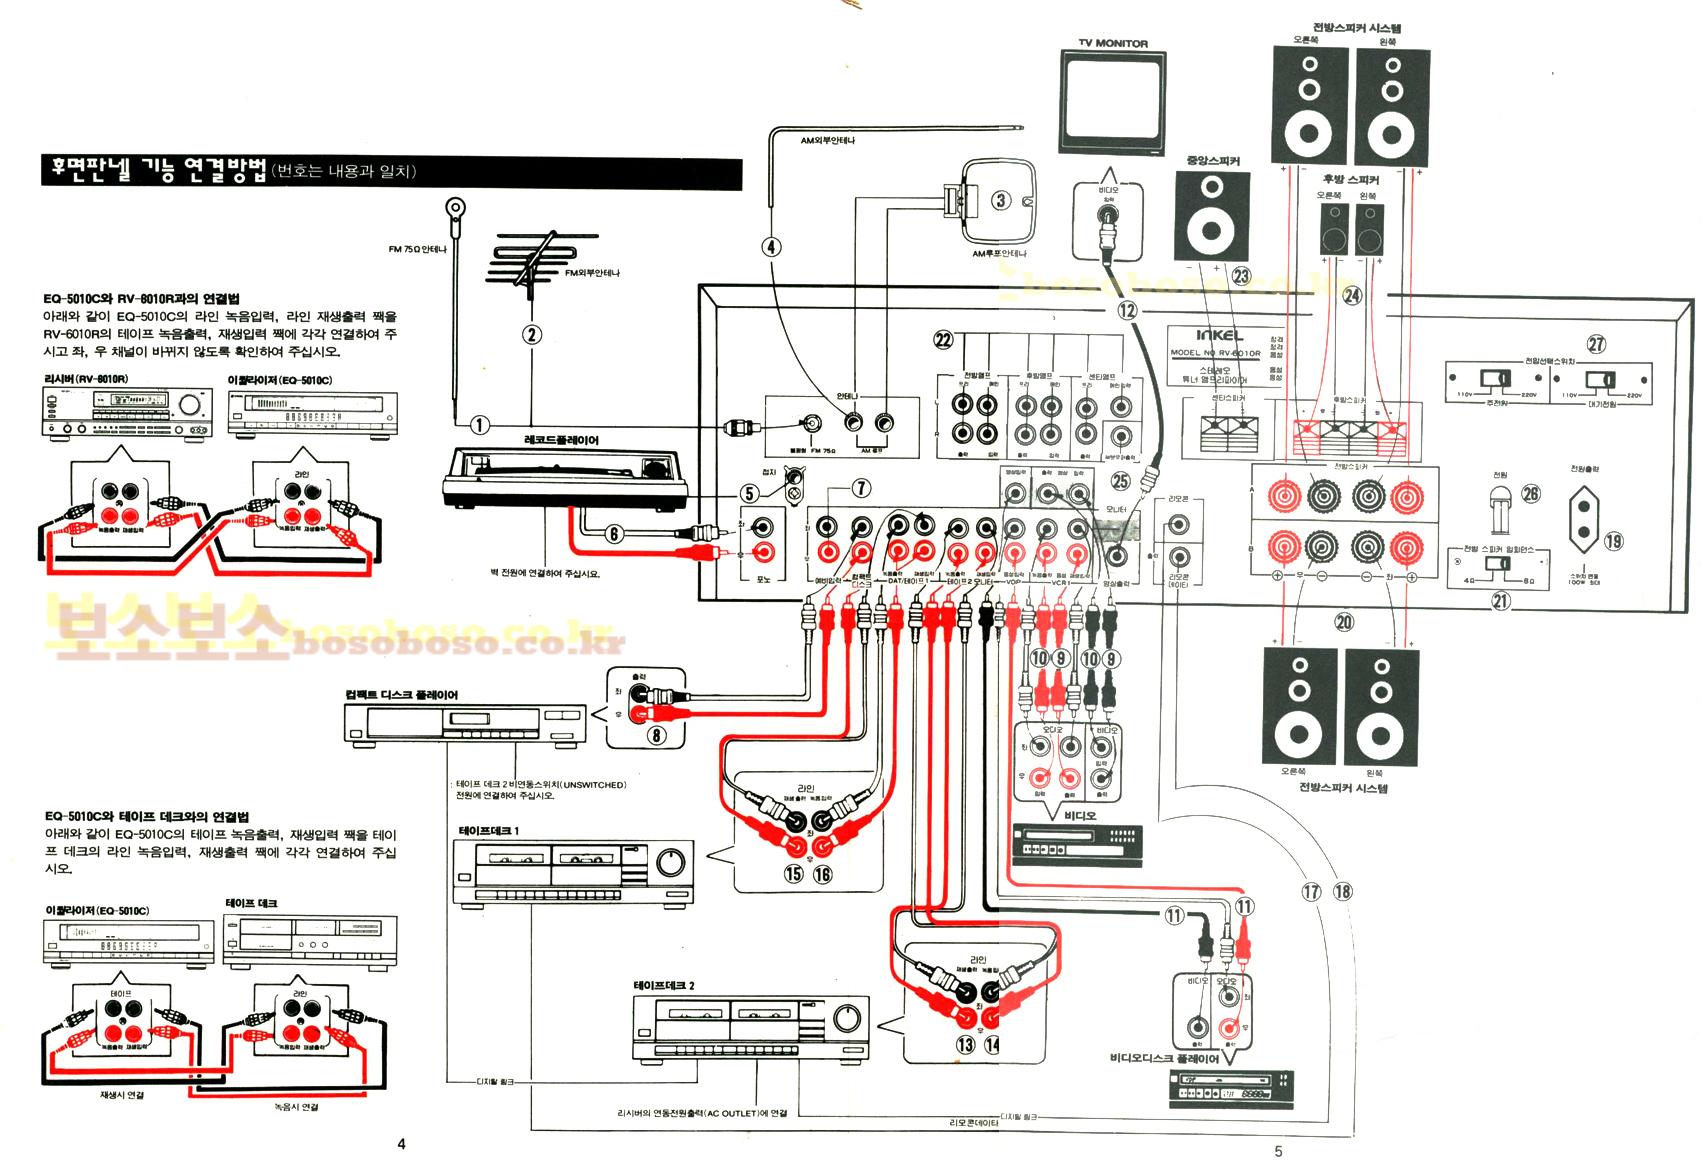 Sherwood rv-7050r схема